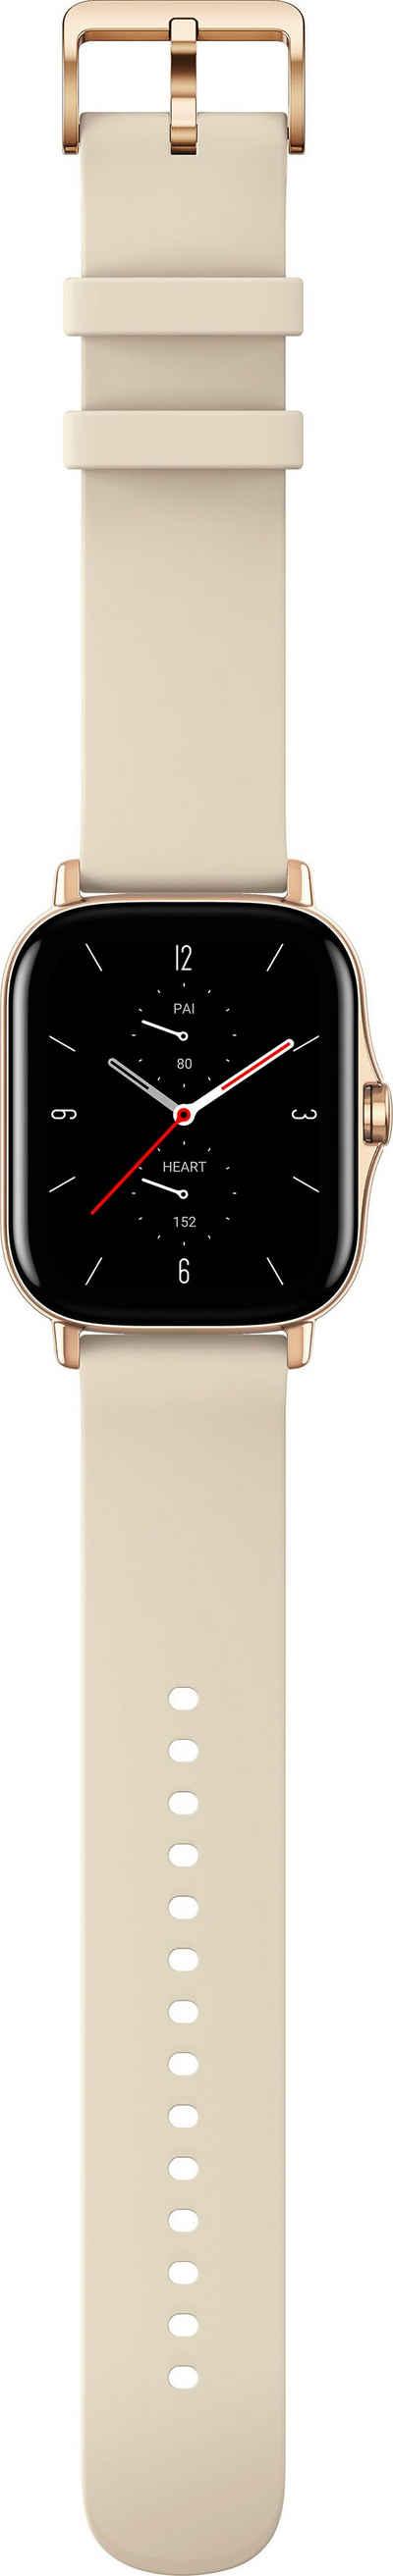 Amazfit GTS 2 Smartwatch (4,19 cm/1,65 Zoll)